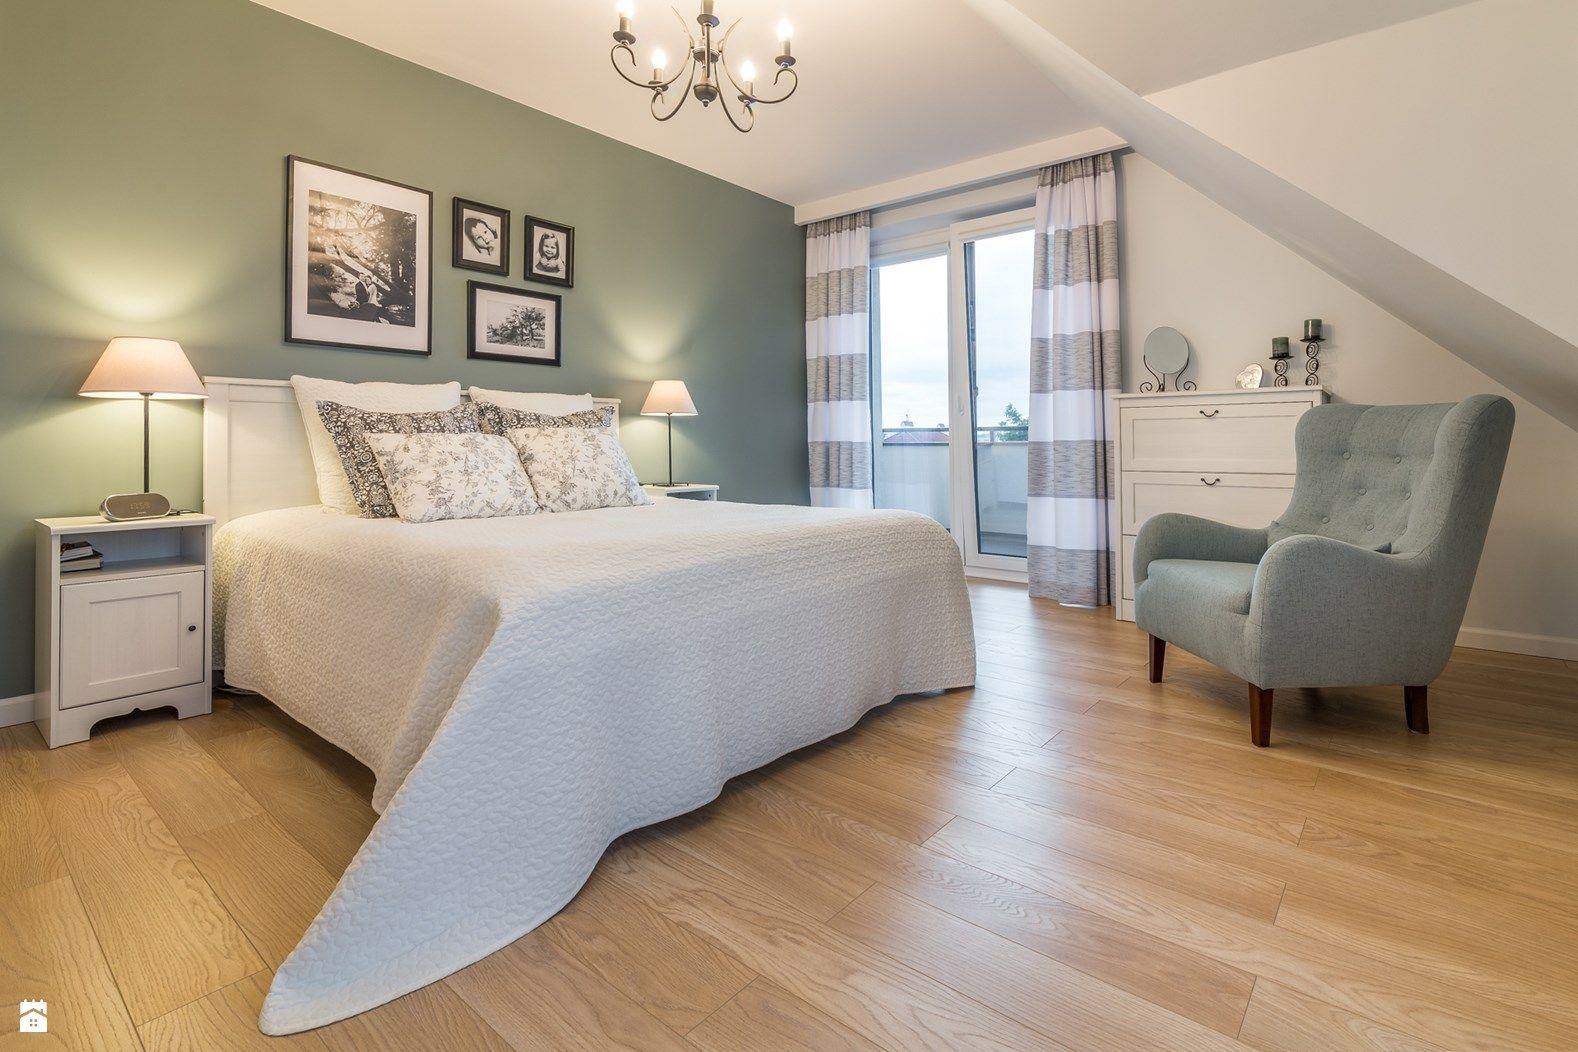 Camera da letto - COLORE PARETE X B&B | arredamento | Pinterest | House